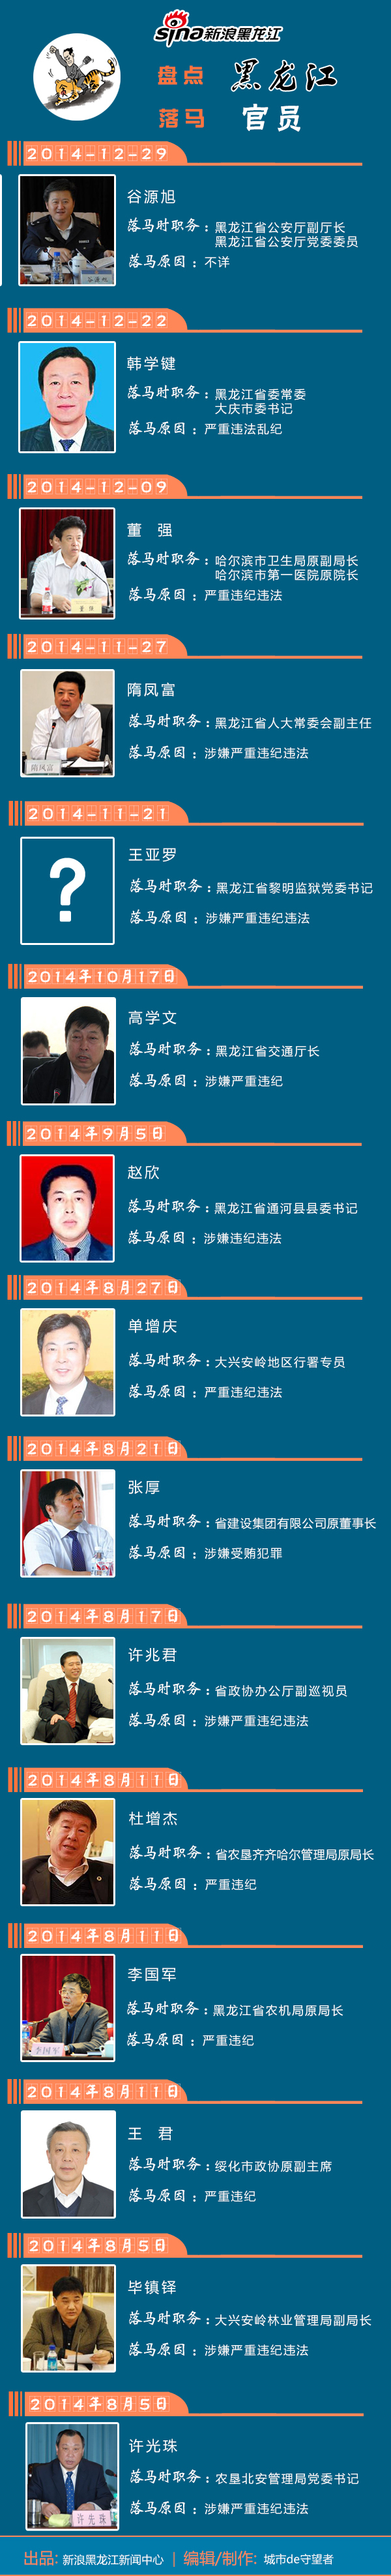 图解龙江第3期:黑龙江落马官员